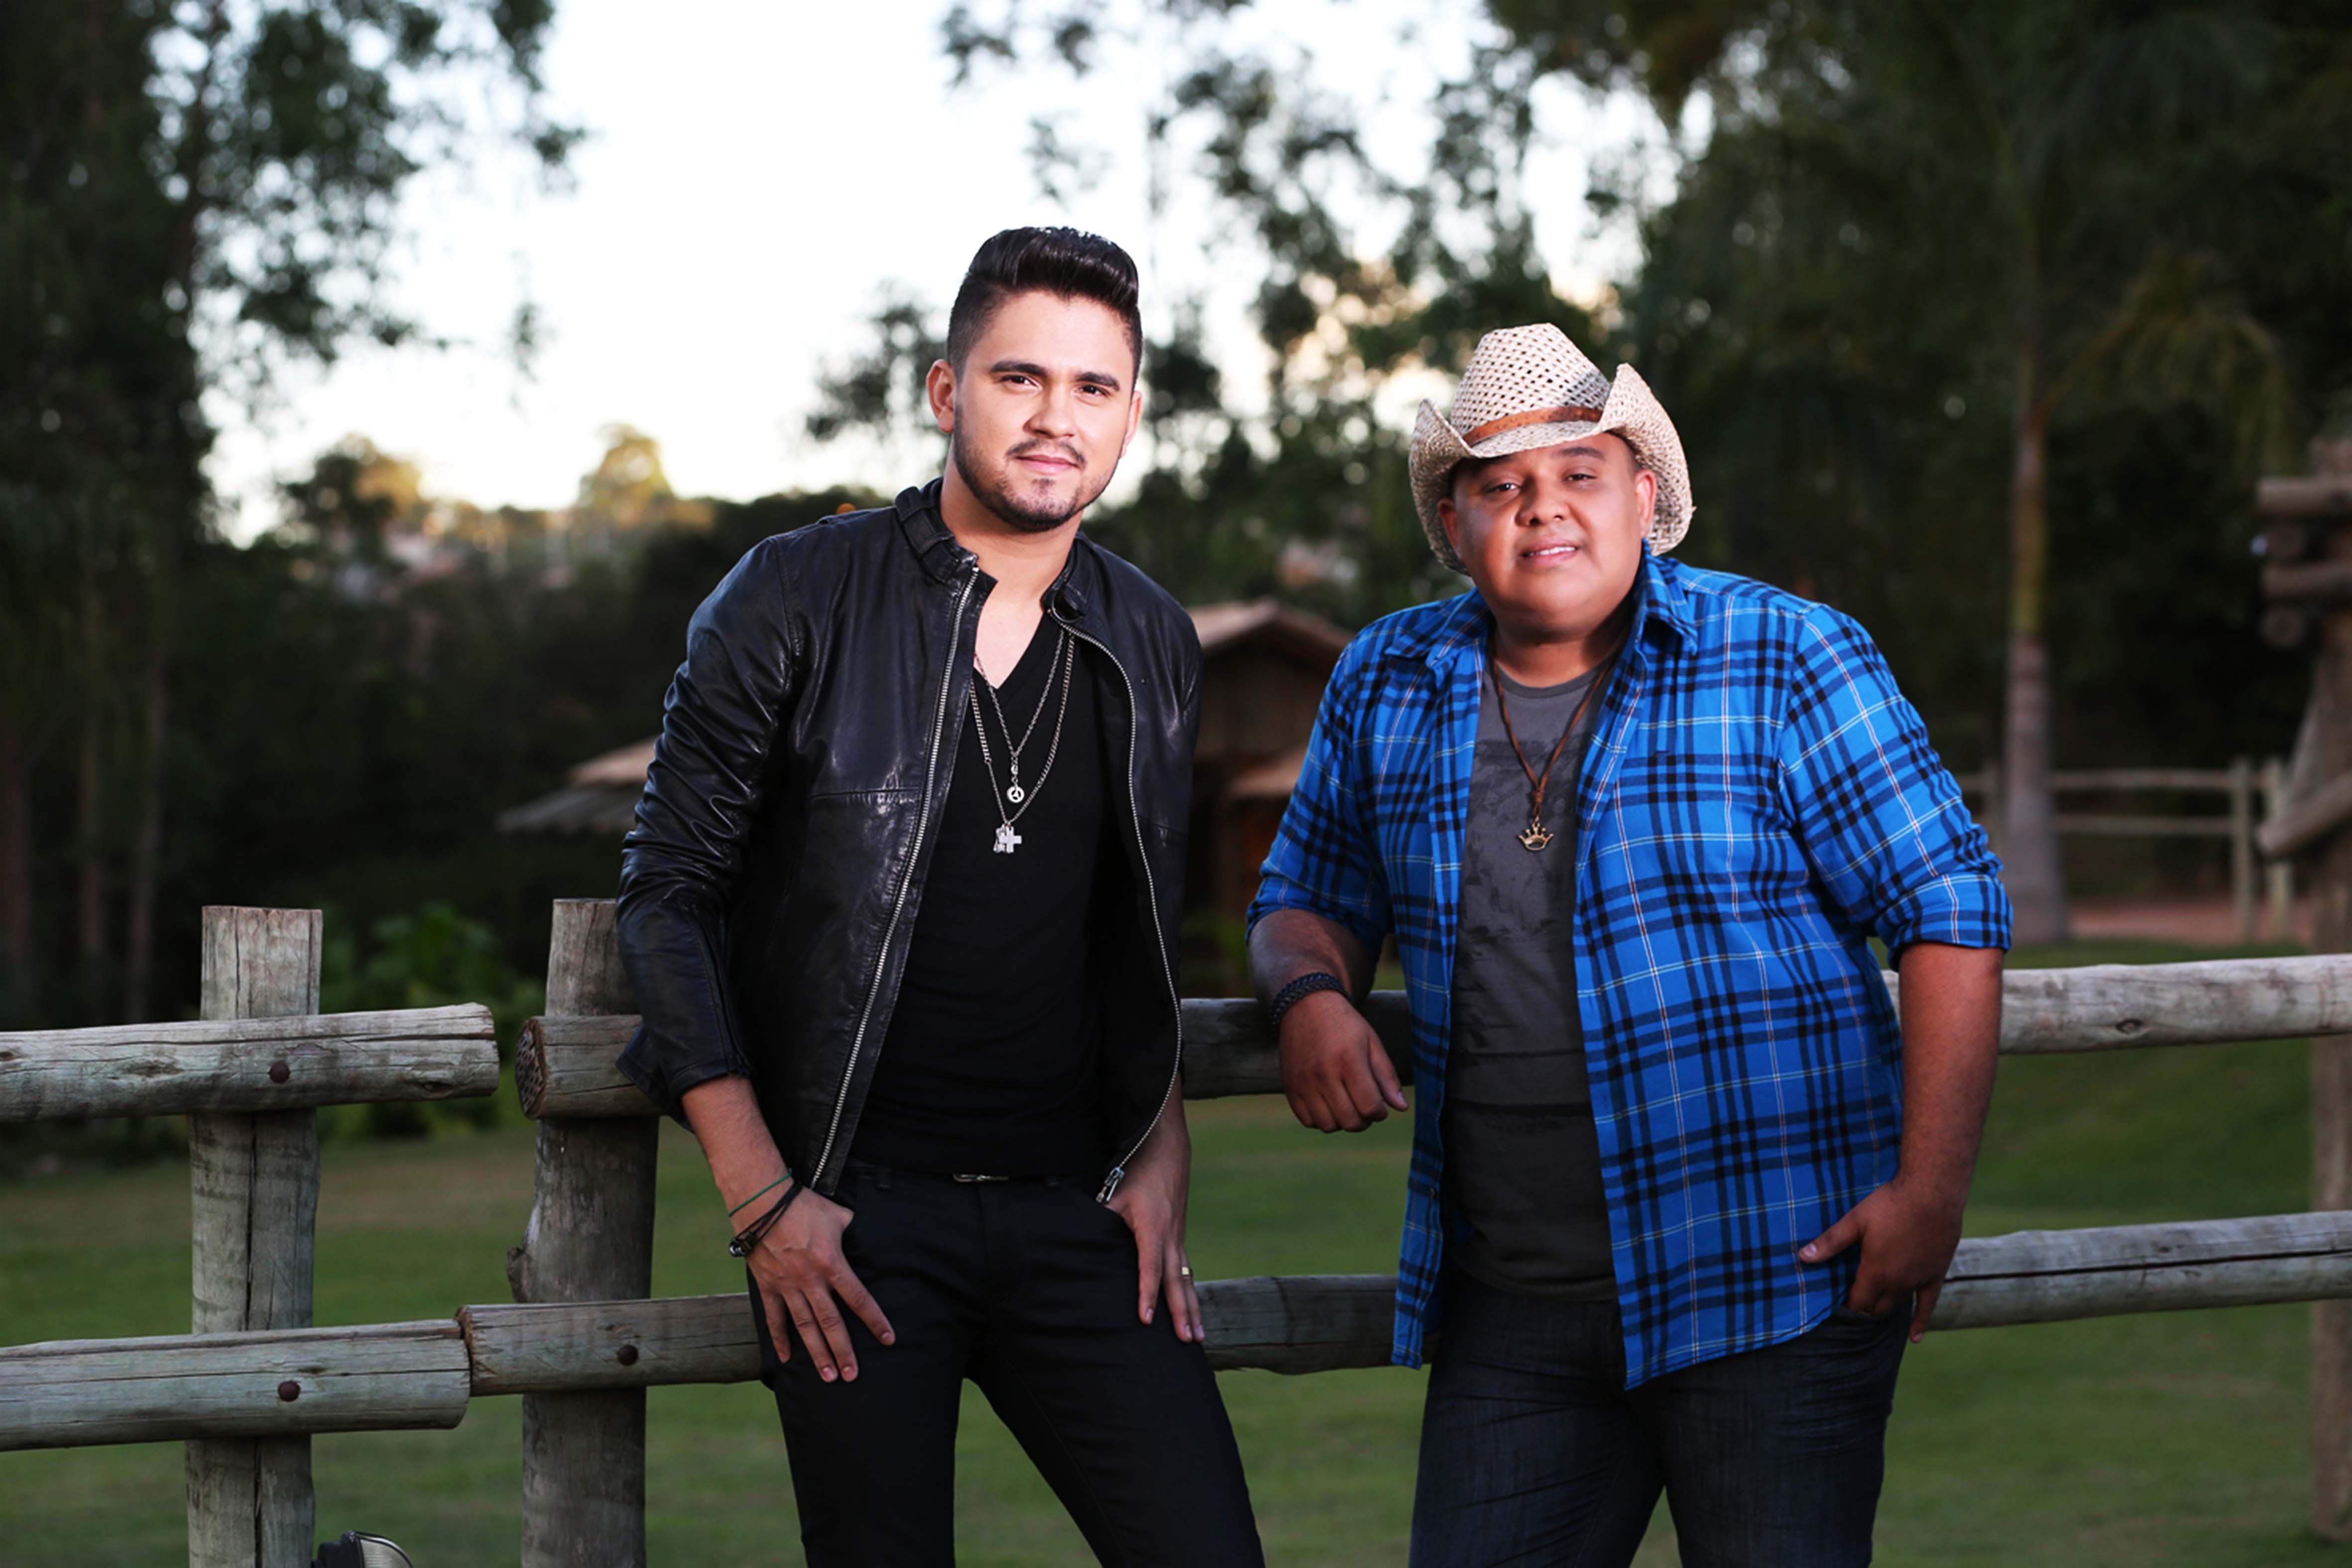 Humberto responde perguntas do blog sobre o novo disco da dupla Humberto & Ronaldo. Confiram.